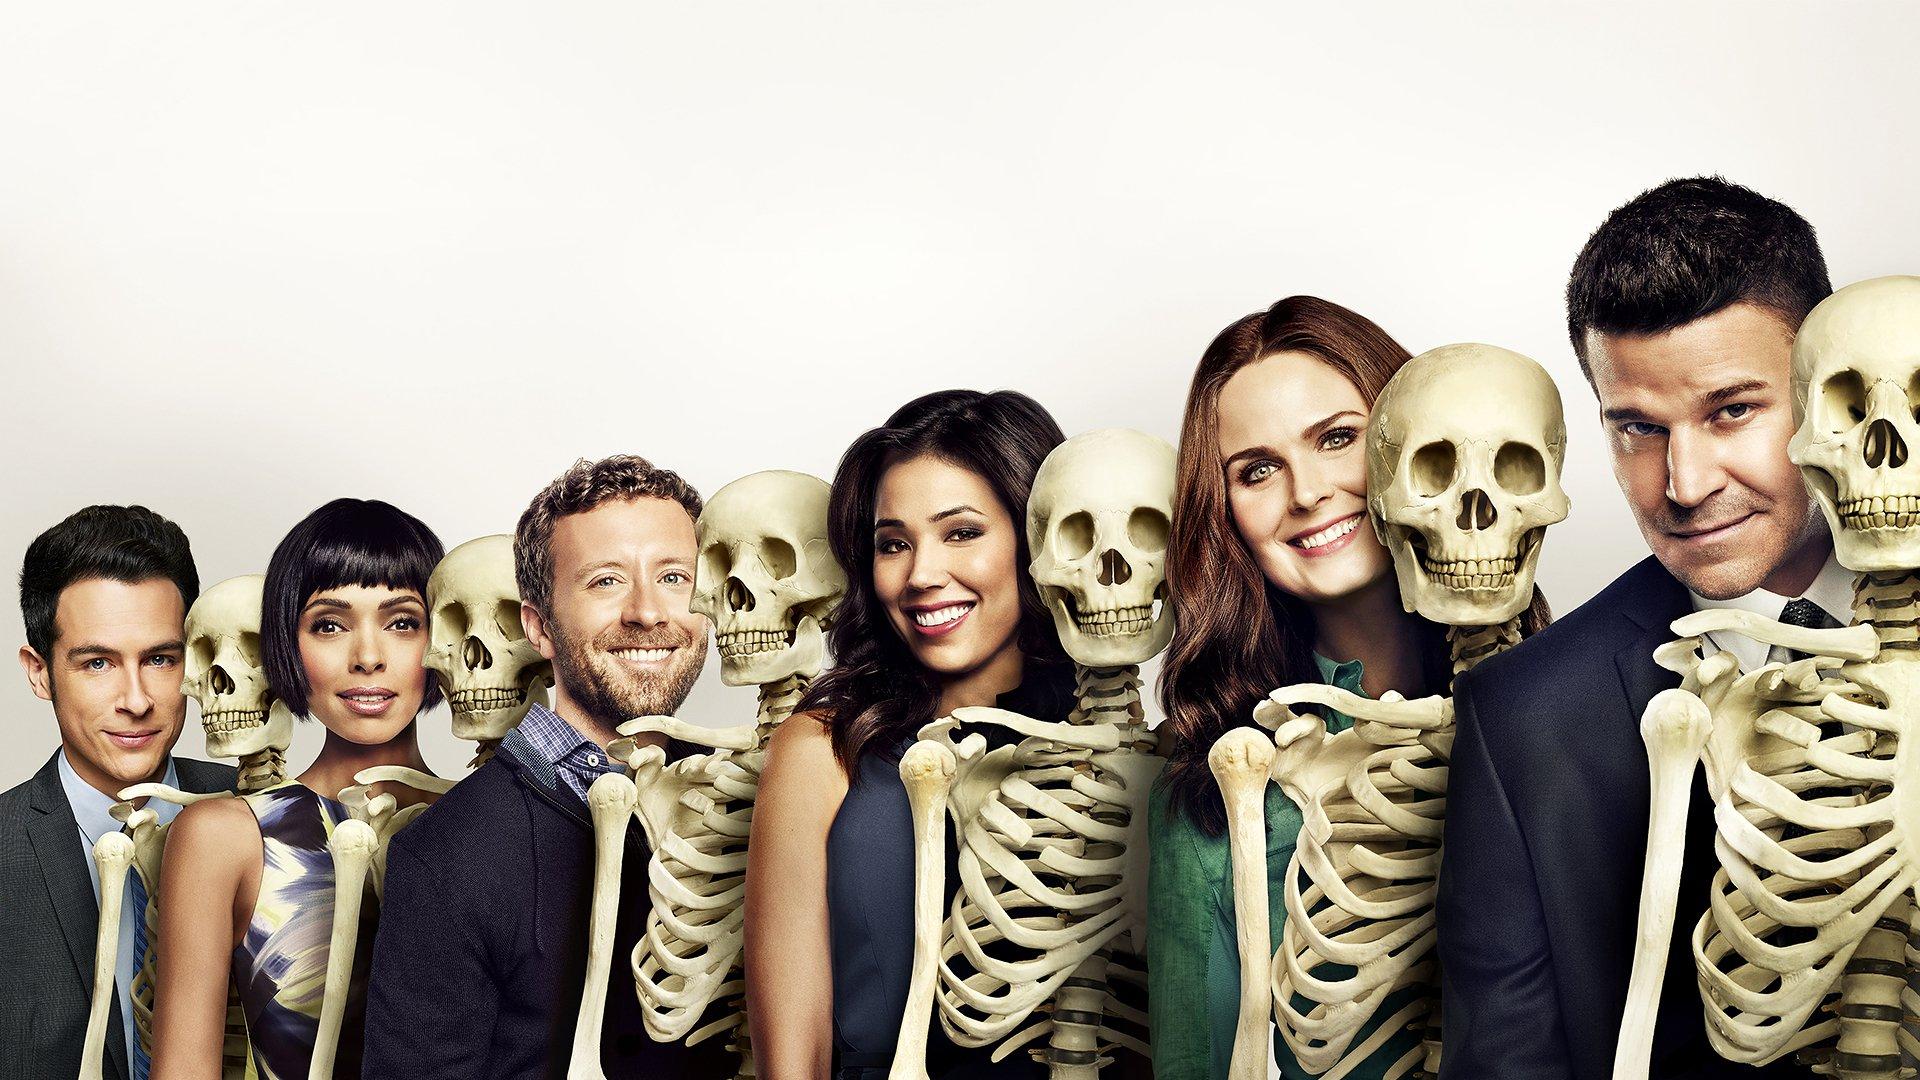 Bones HD Wallpaper